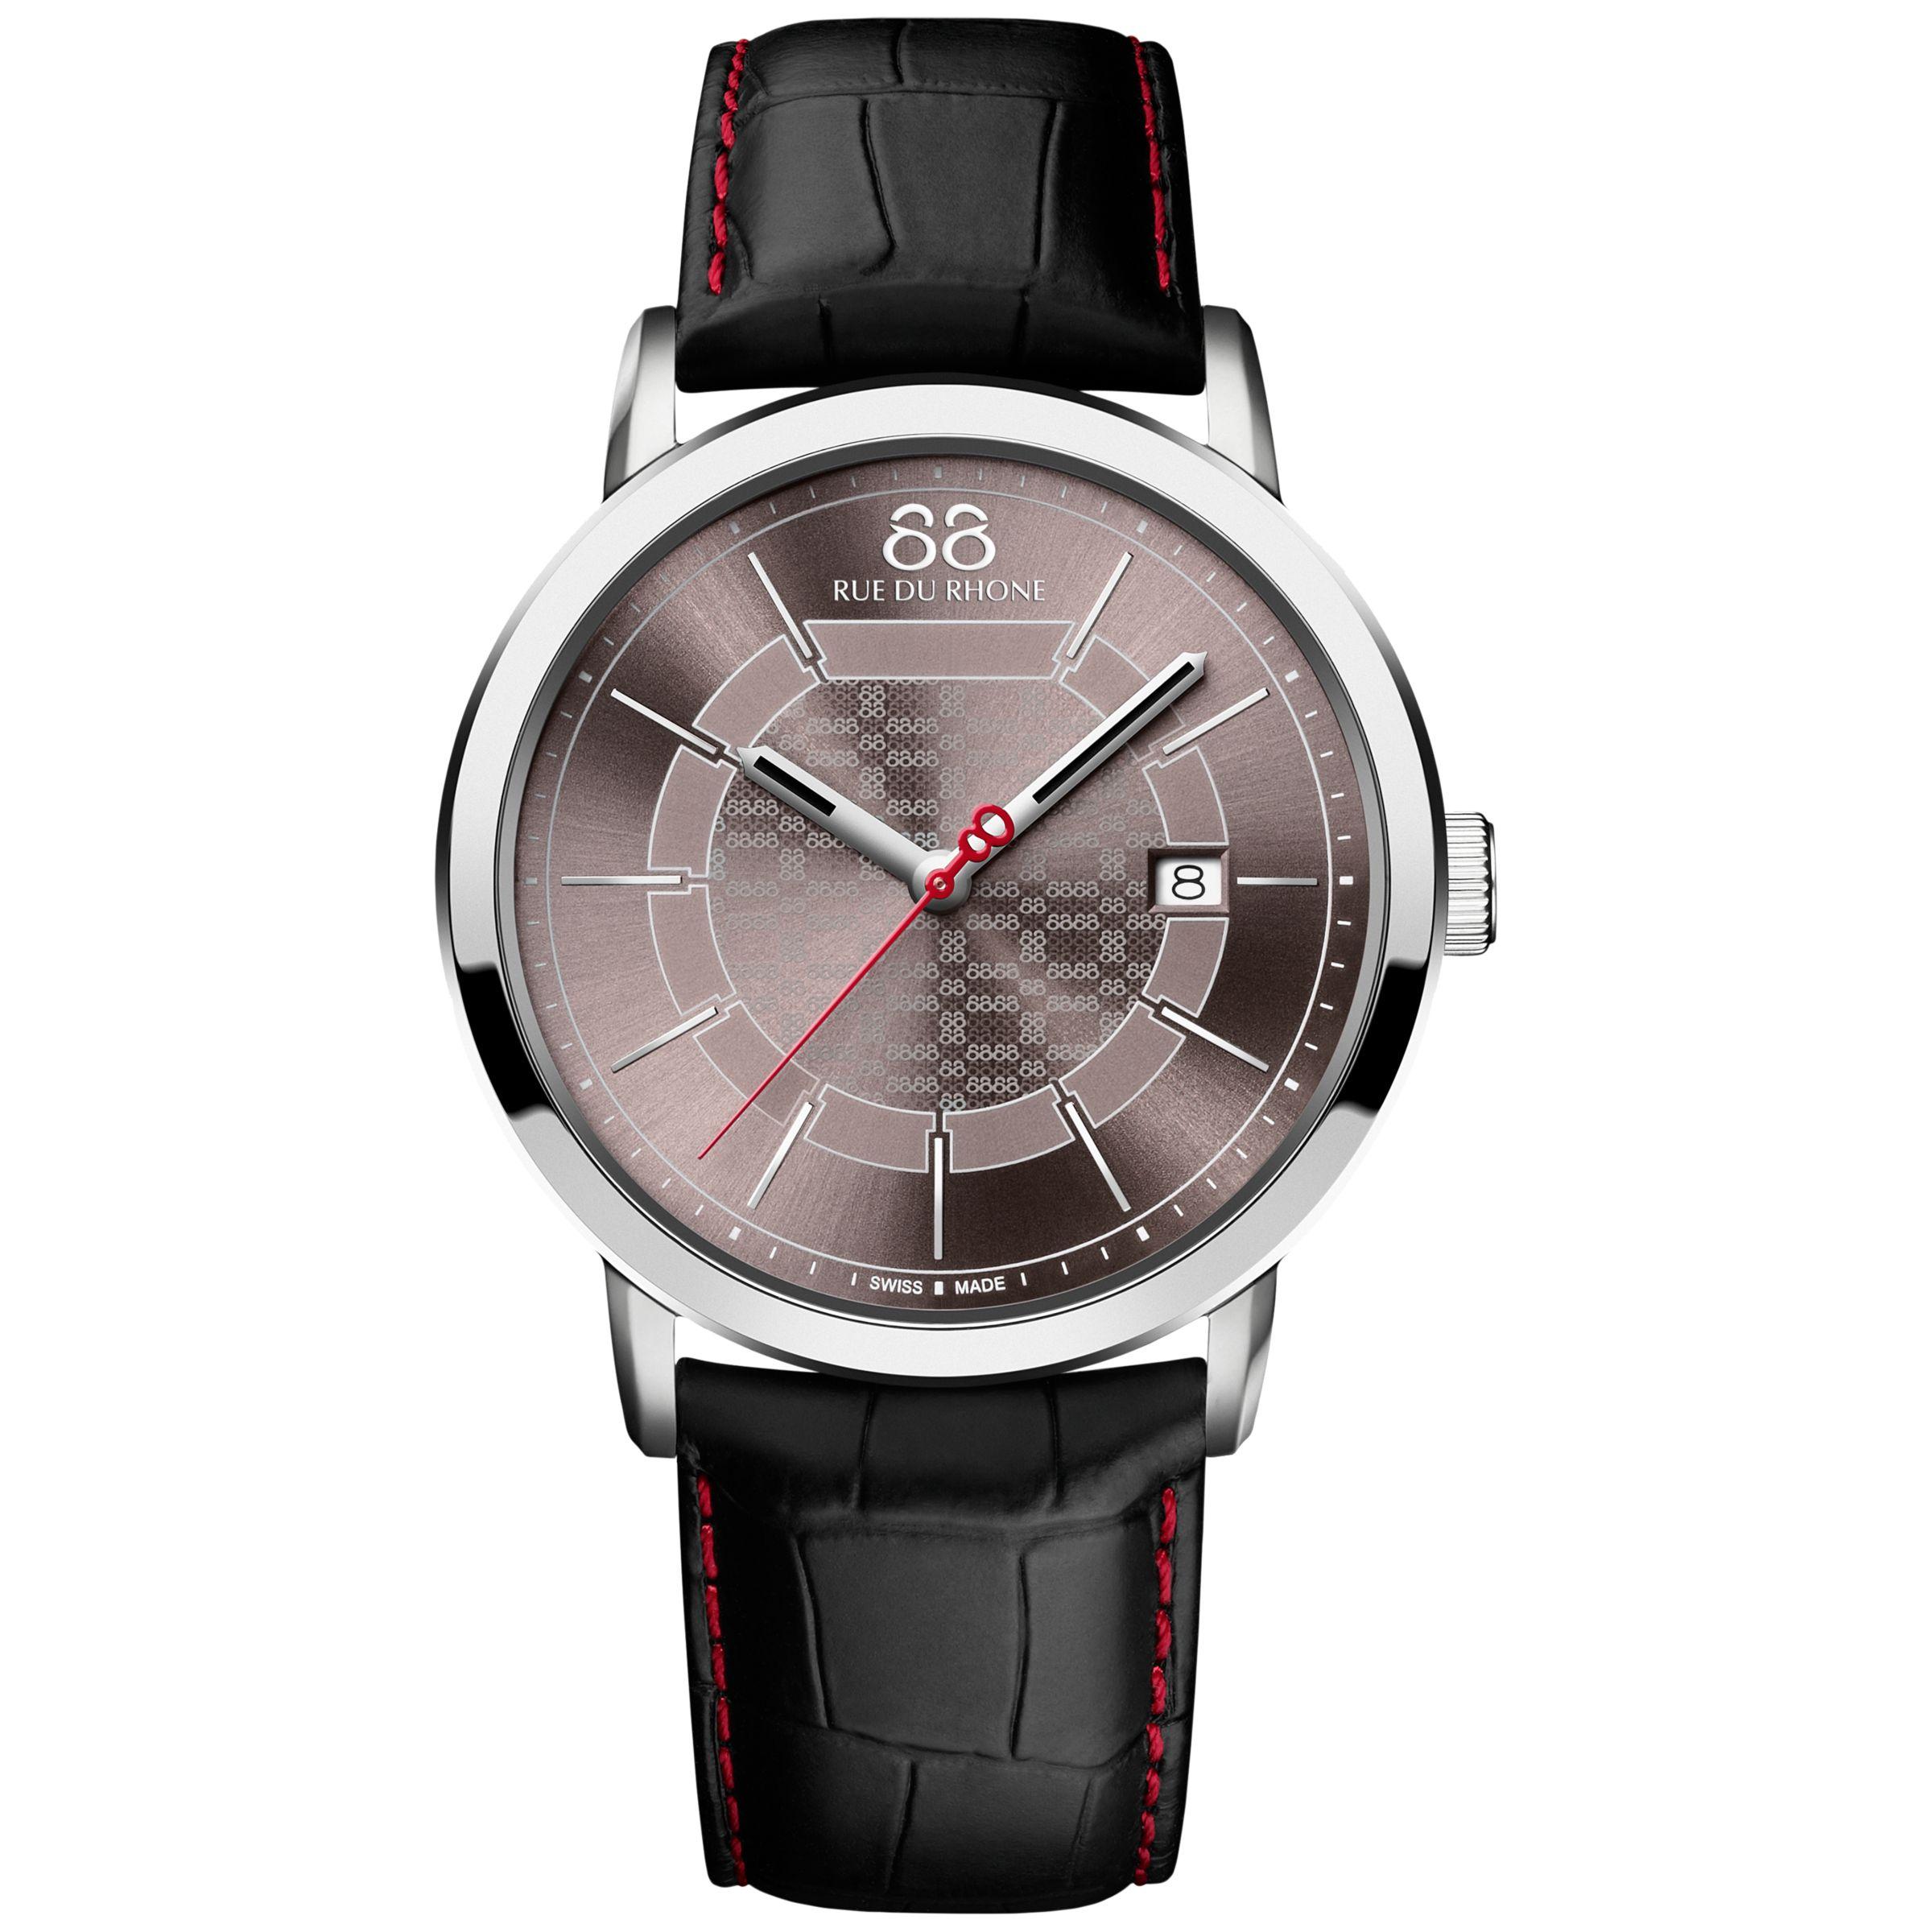 88 Rue Du Rhone 88 Rue Du Rhone 87WA140026 Men's Double 8 Origin Leather Strap Watch, Black/Taupe